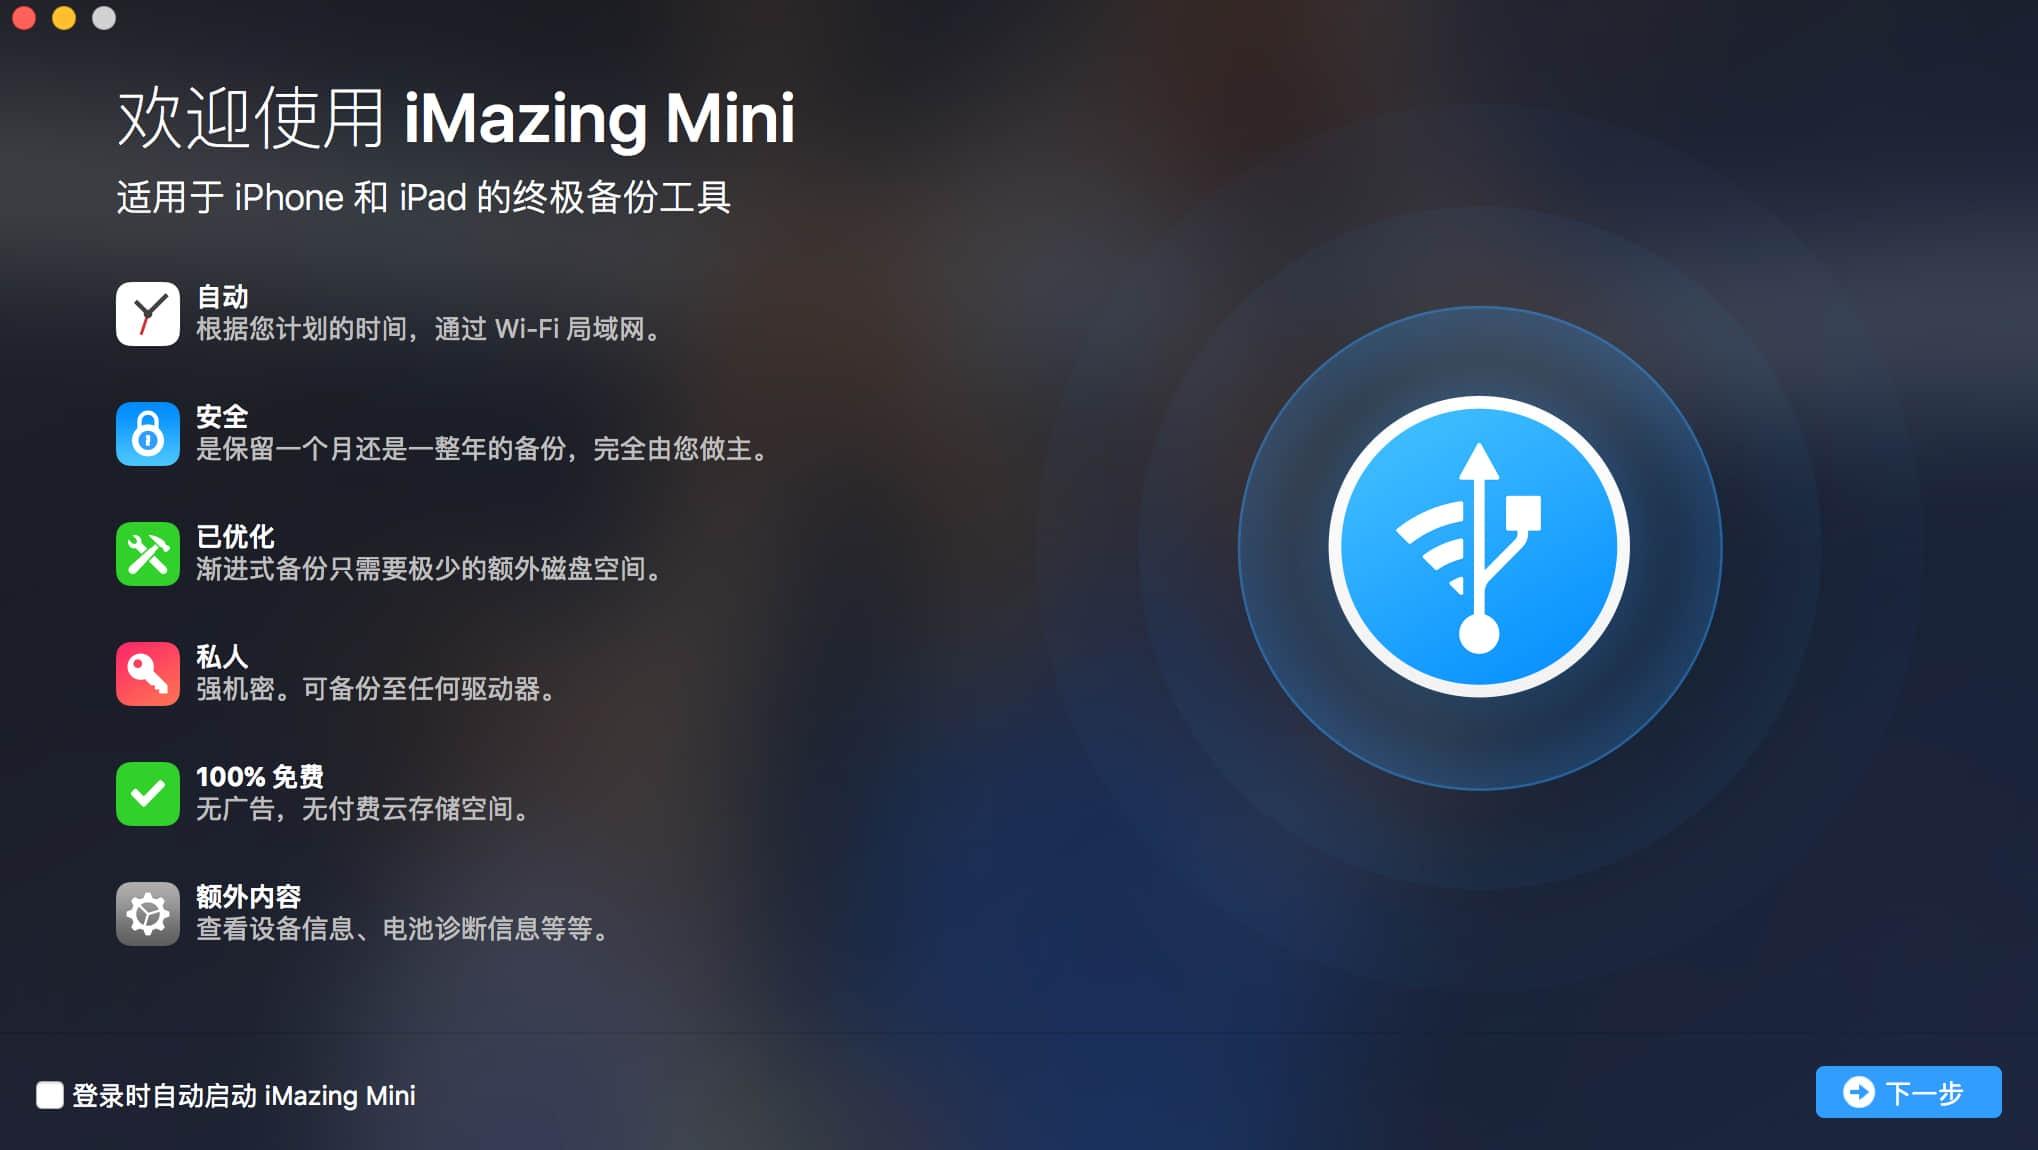 iMazing 2.jpg